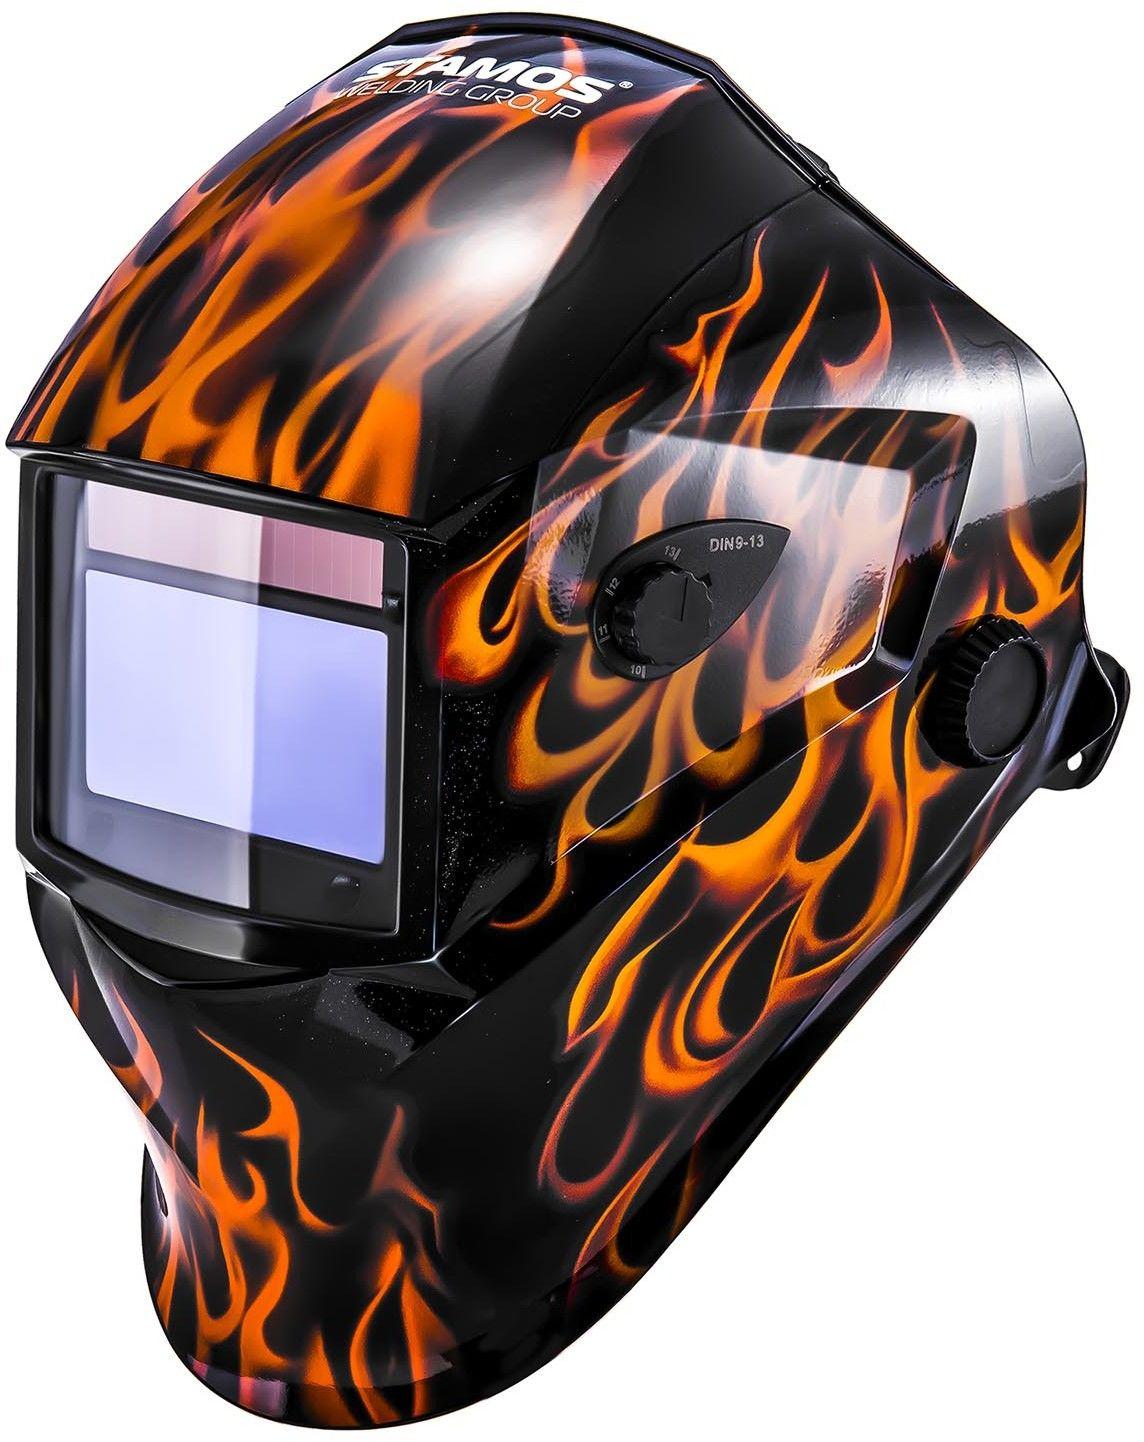 Maska spawalnicza - Firestarter 500 - Advanced - Stamos Germany - Firestarter 500 - 3 lata gwarancji/wysyłka w 24h